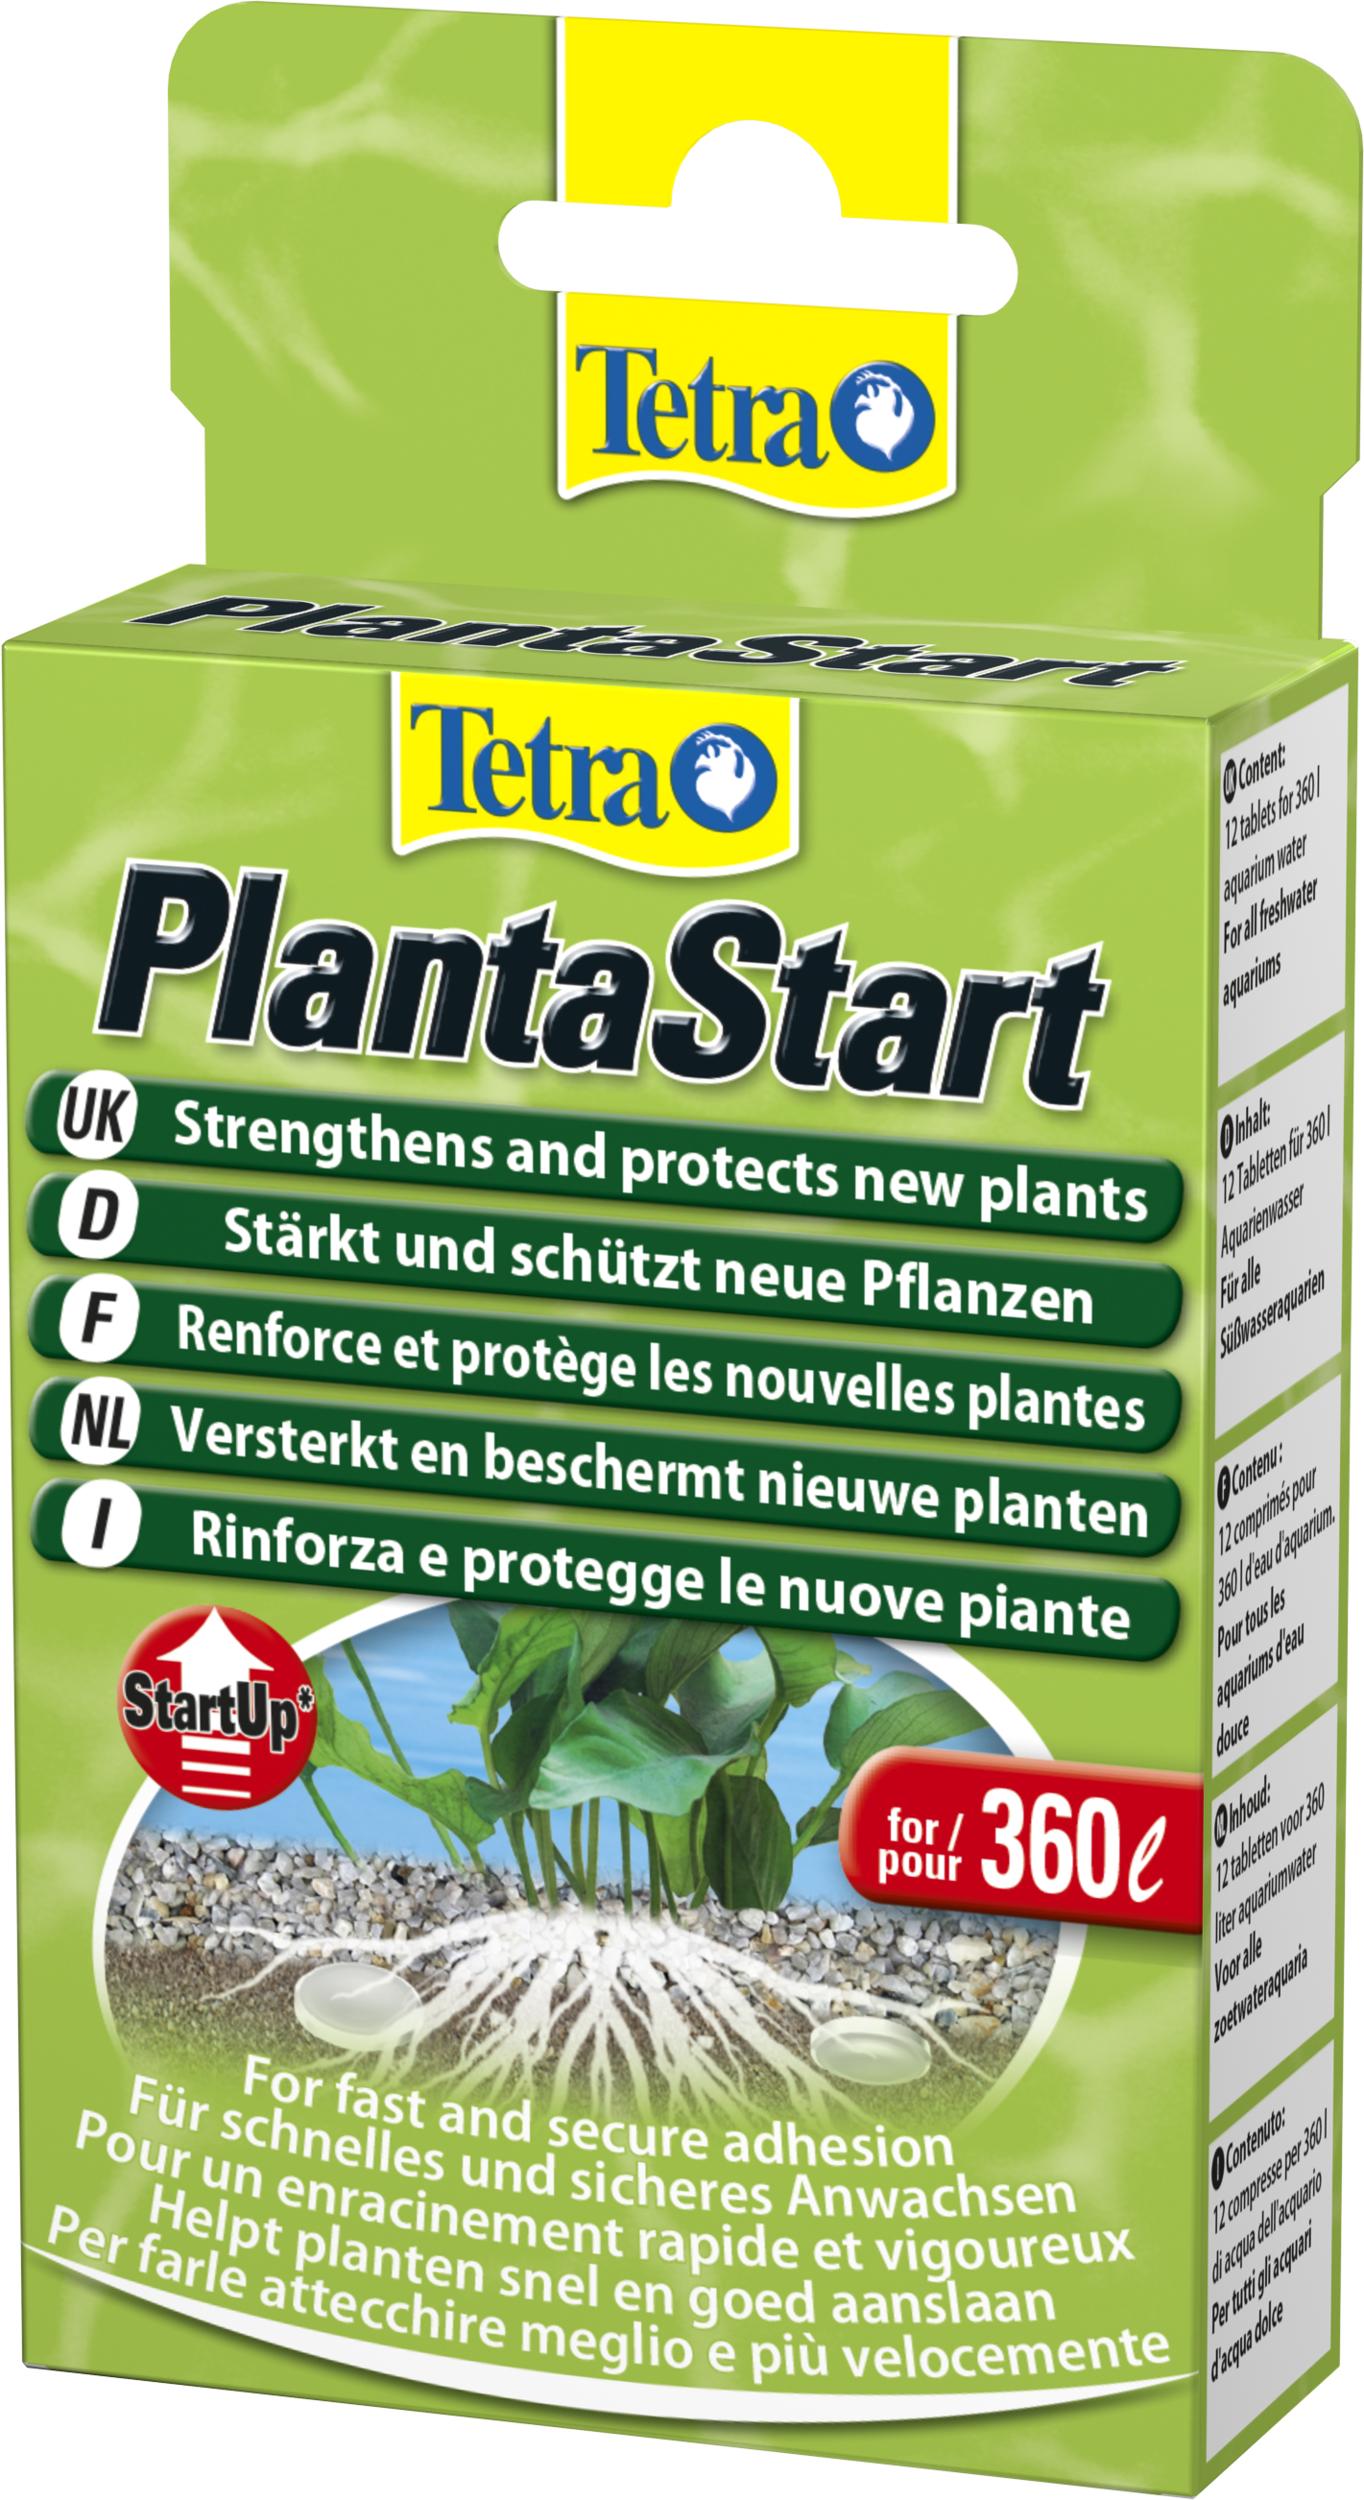 TETRA-PLANTASTART